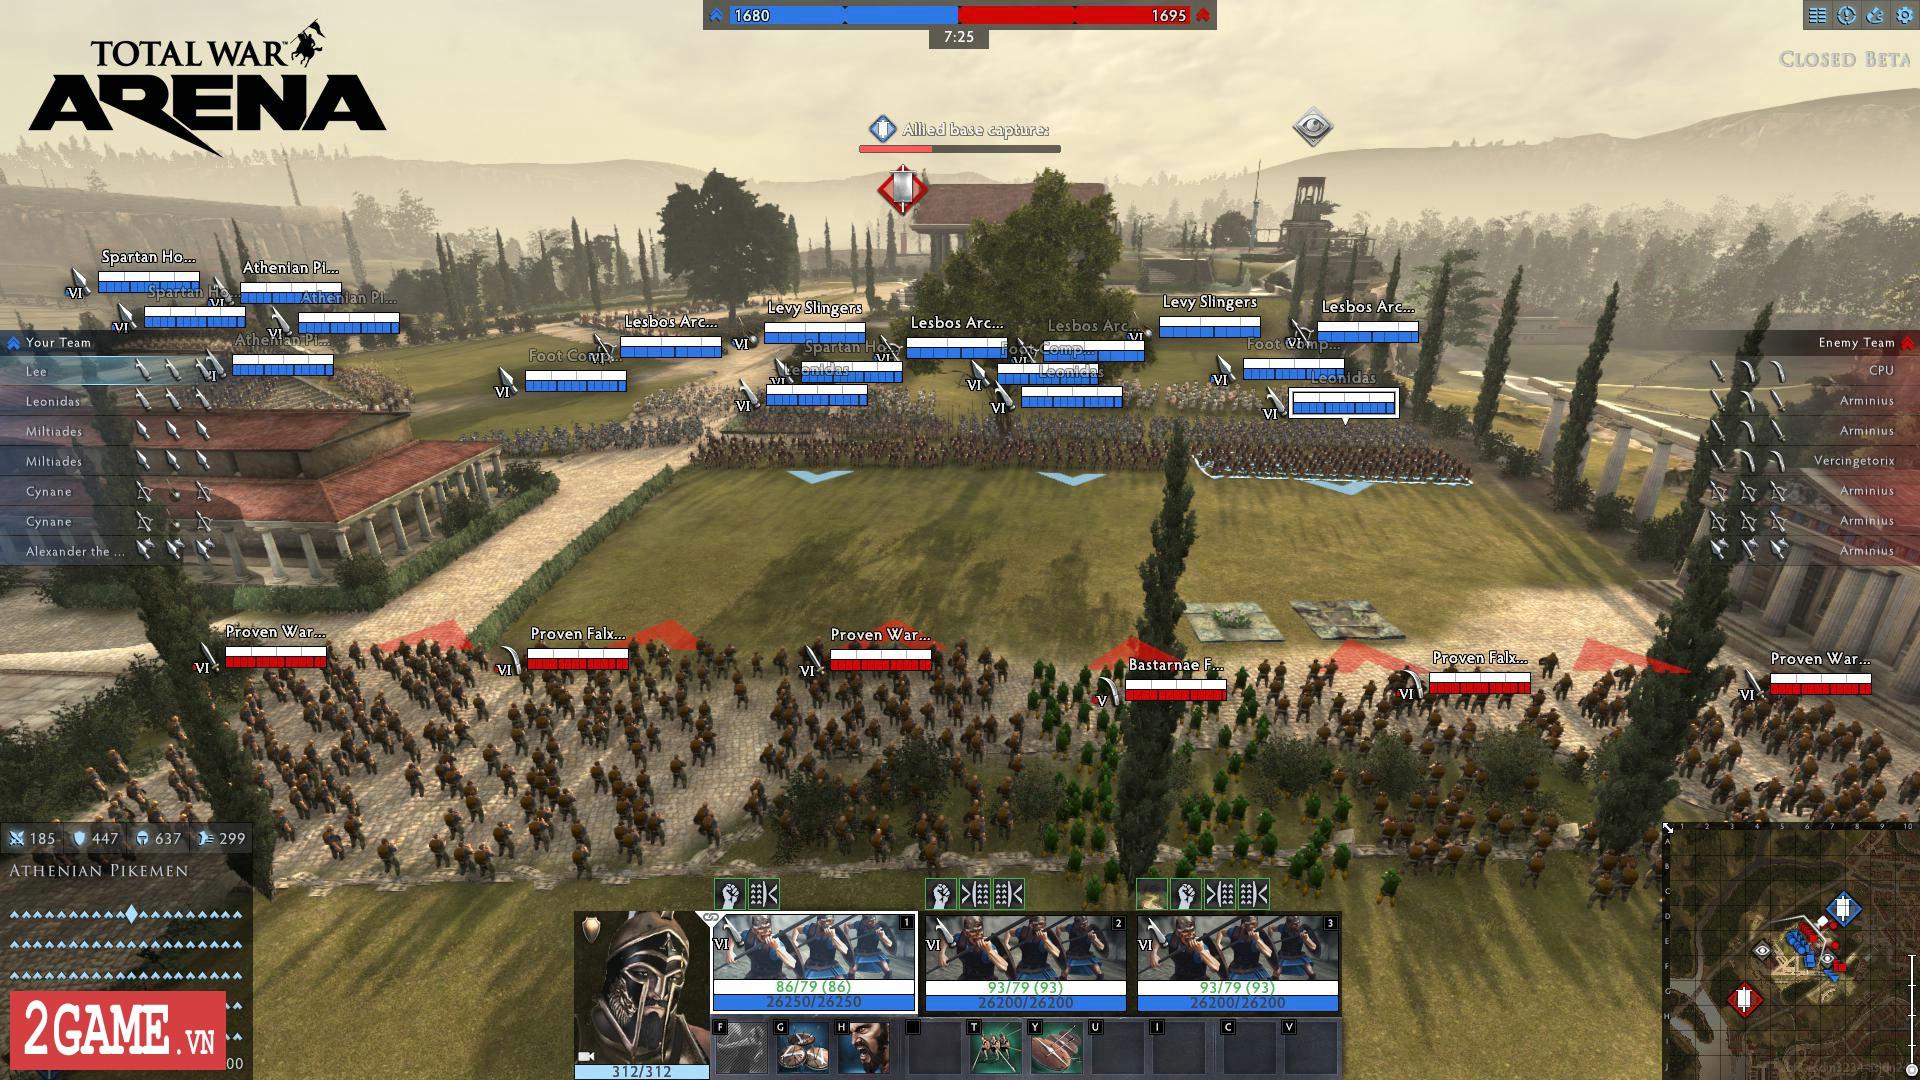 Total War: Arena - Game chiến thuật 3D quy mô bậc nhất trên PC bất ngờ cho chơi miễn phí hoàn toàn 6